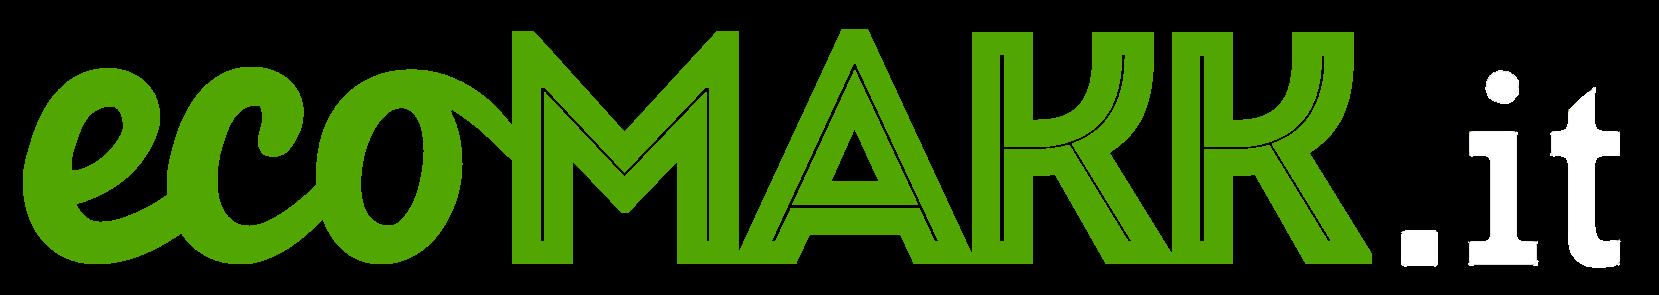 EcoMakk.it  - Compattatori Trituratori per Scarti di Polistirolo (Eps)